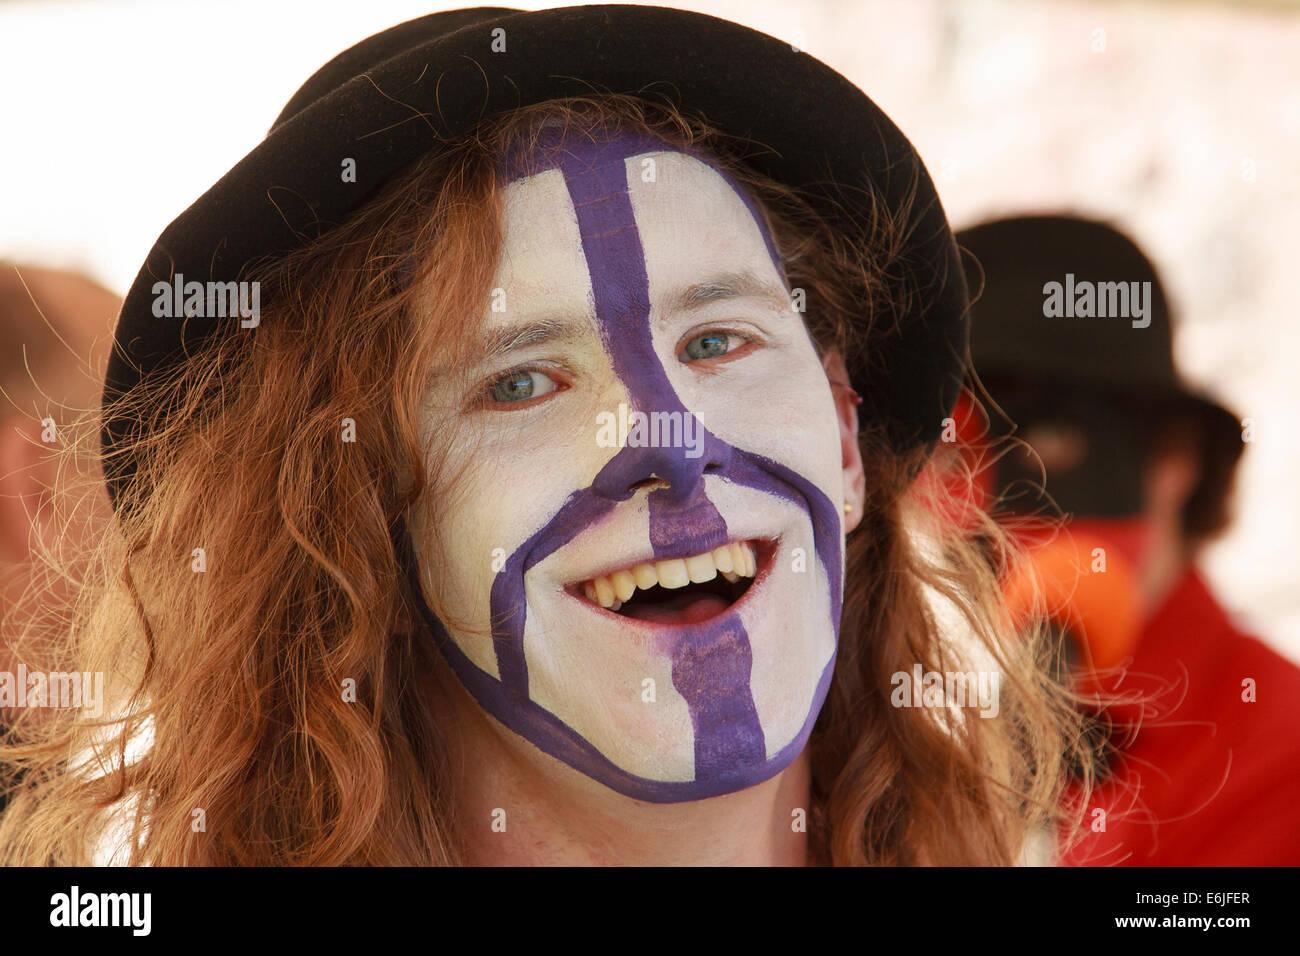 Souriante, aux cheveux longs, teenage boy - visage peint avec symbole de la CND. Photo Stock